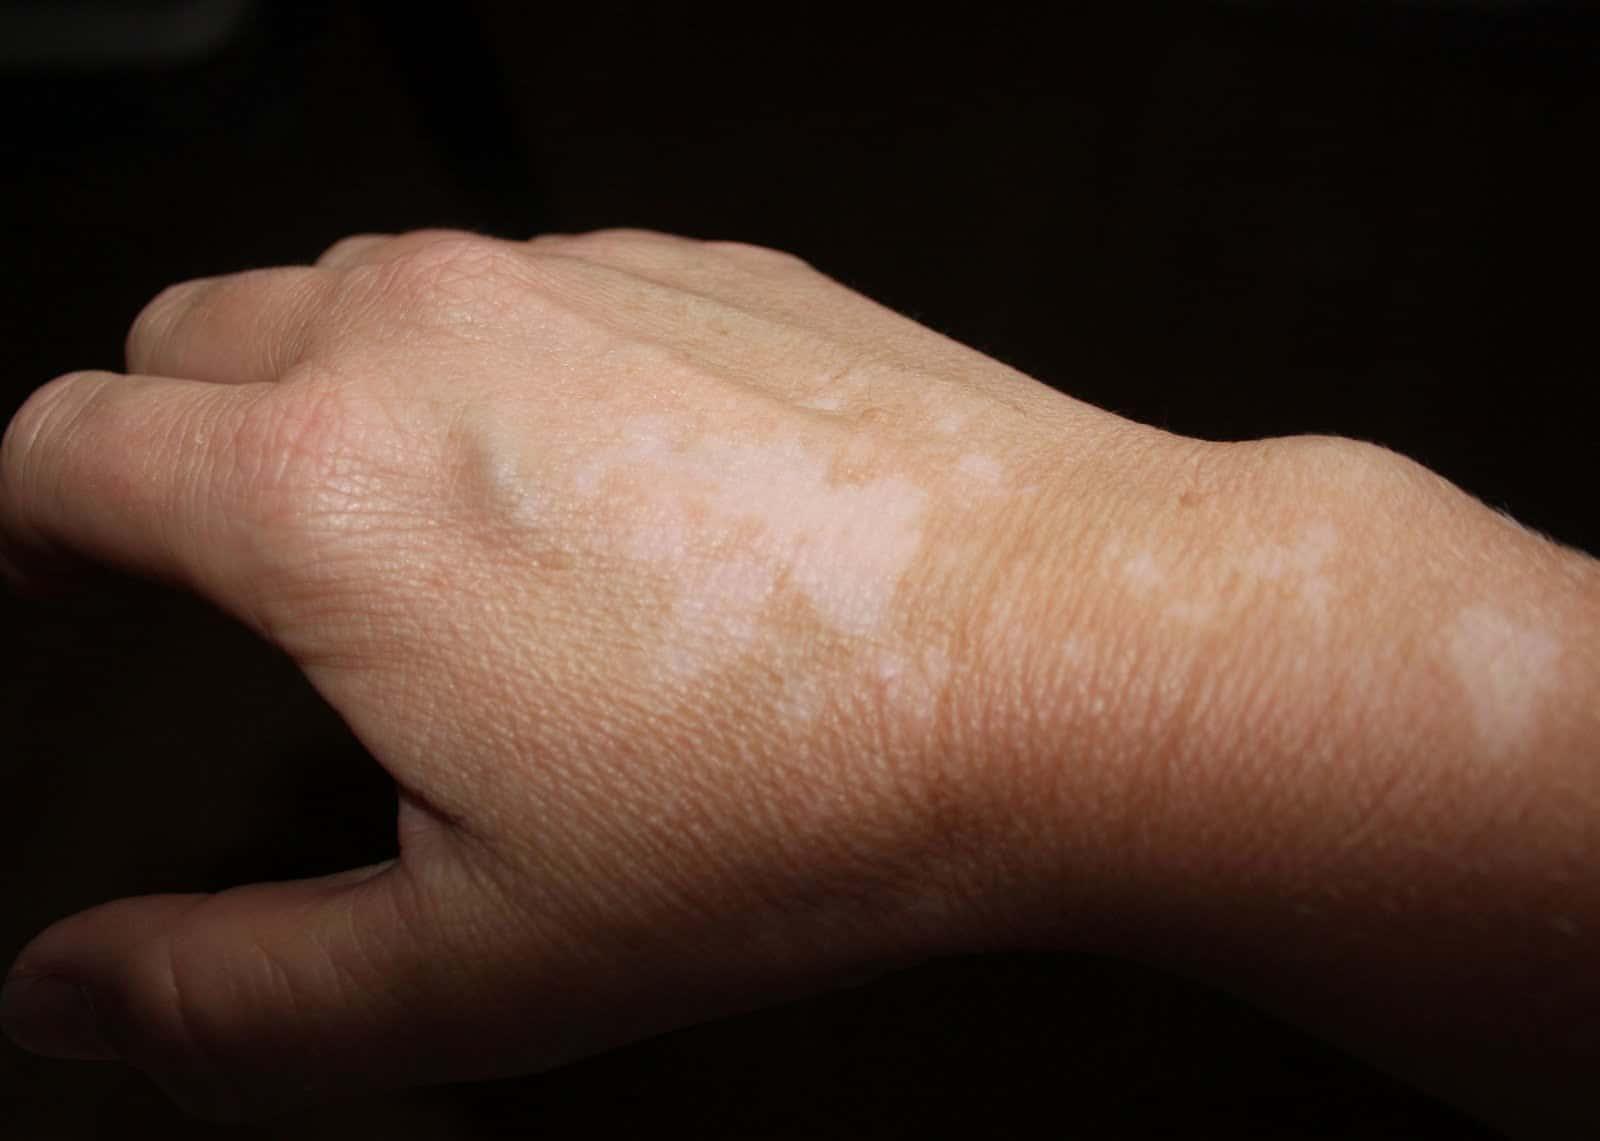 صور ماهو علاج البهاق , احدث طرق لعلاج البهاق